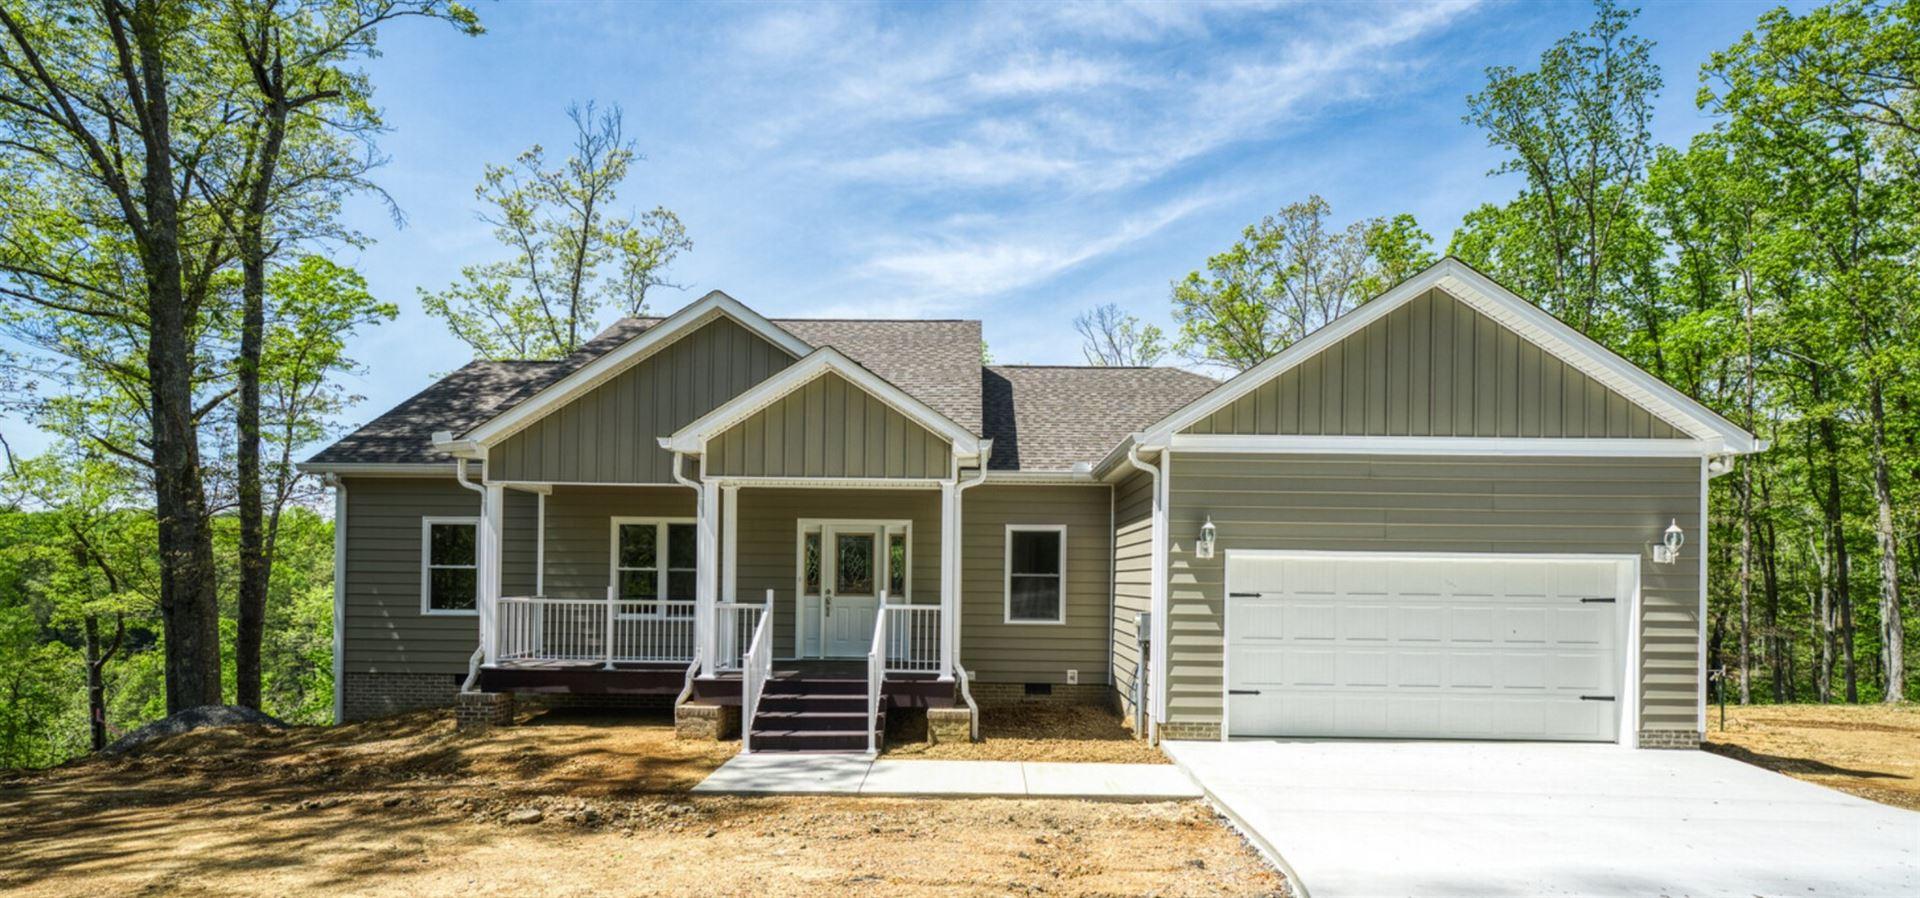 150 Treasure Cove Dr, Smithville, TN 37166 - MLS#: 2249963